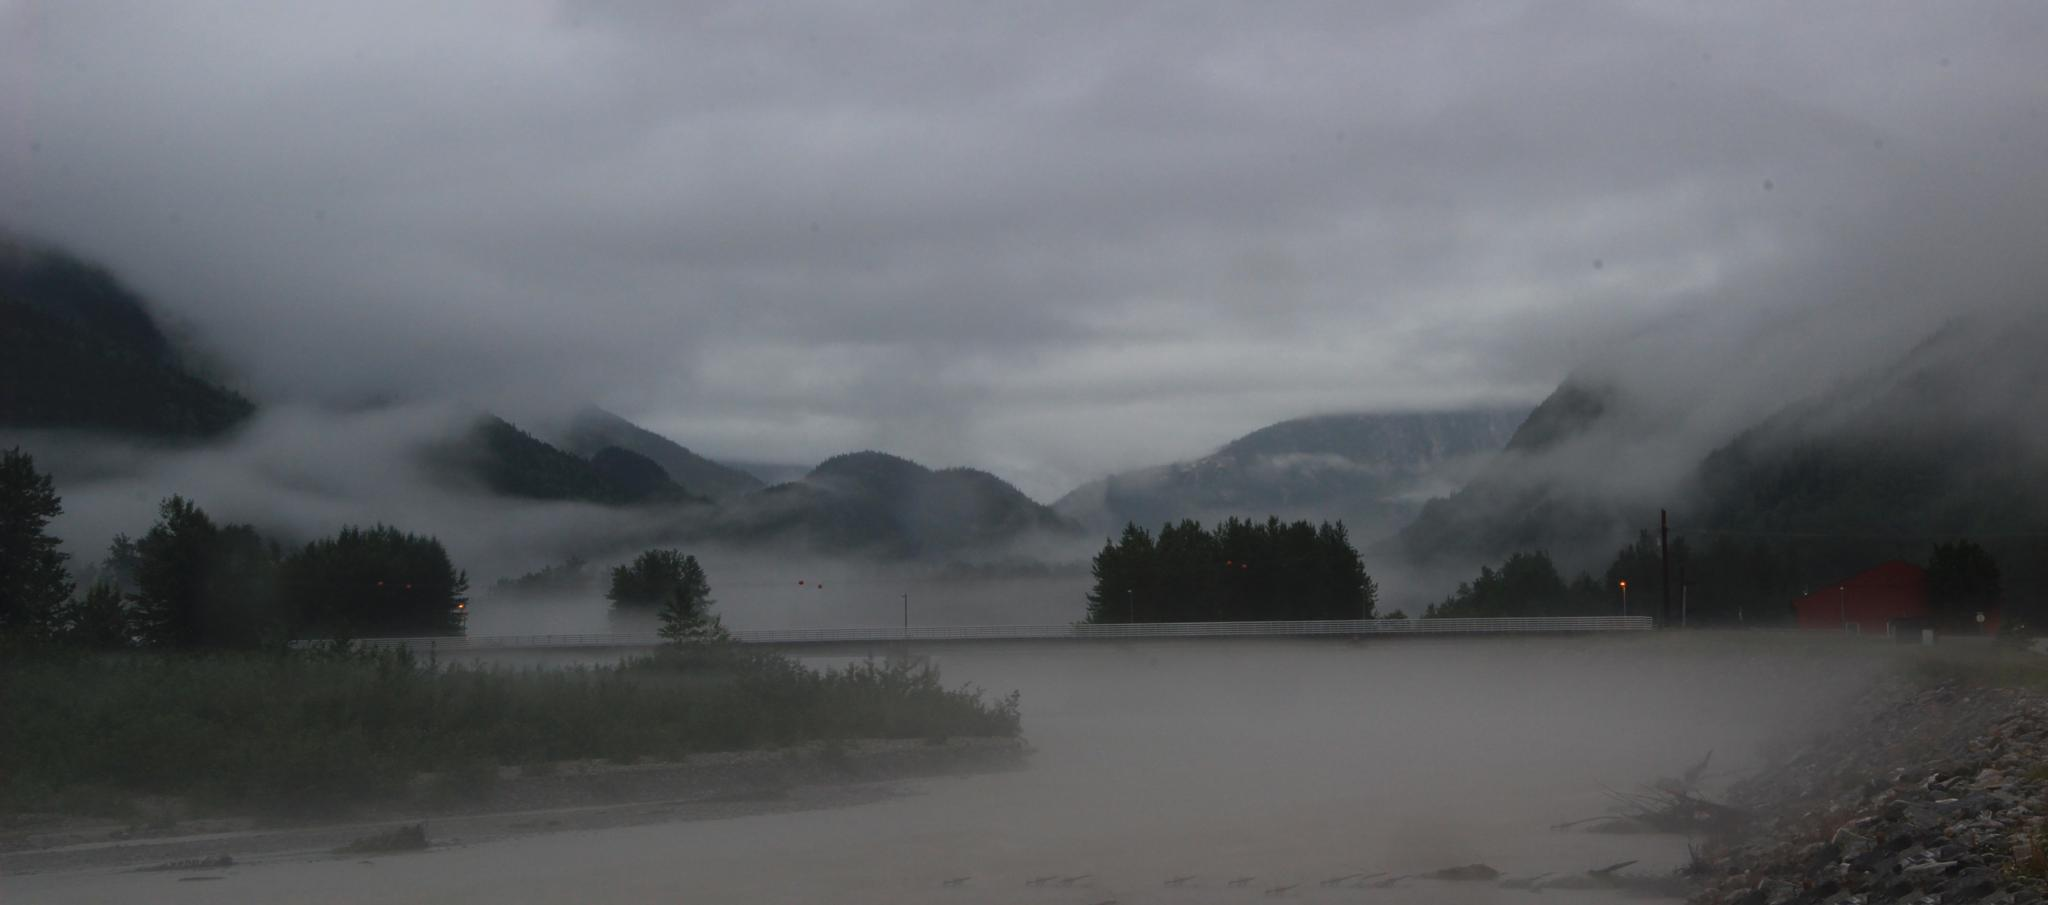 Skagway Valley, Alaska July 2014 by Marv & Beth Russell